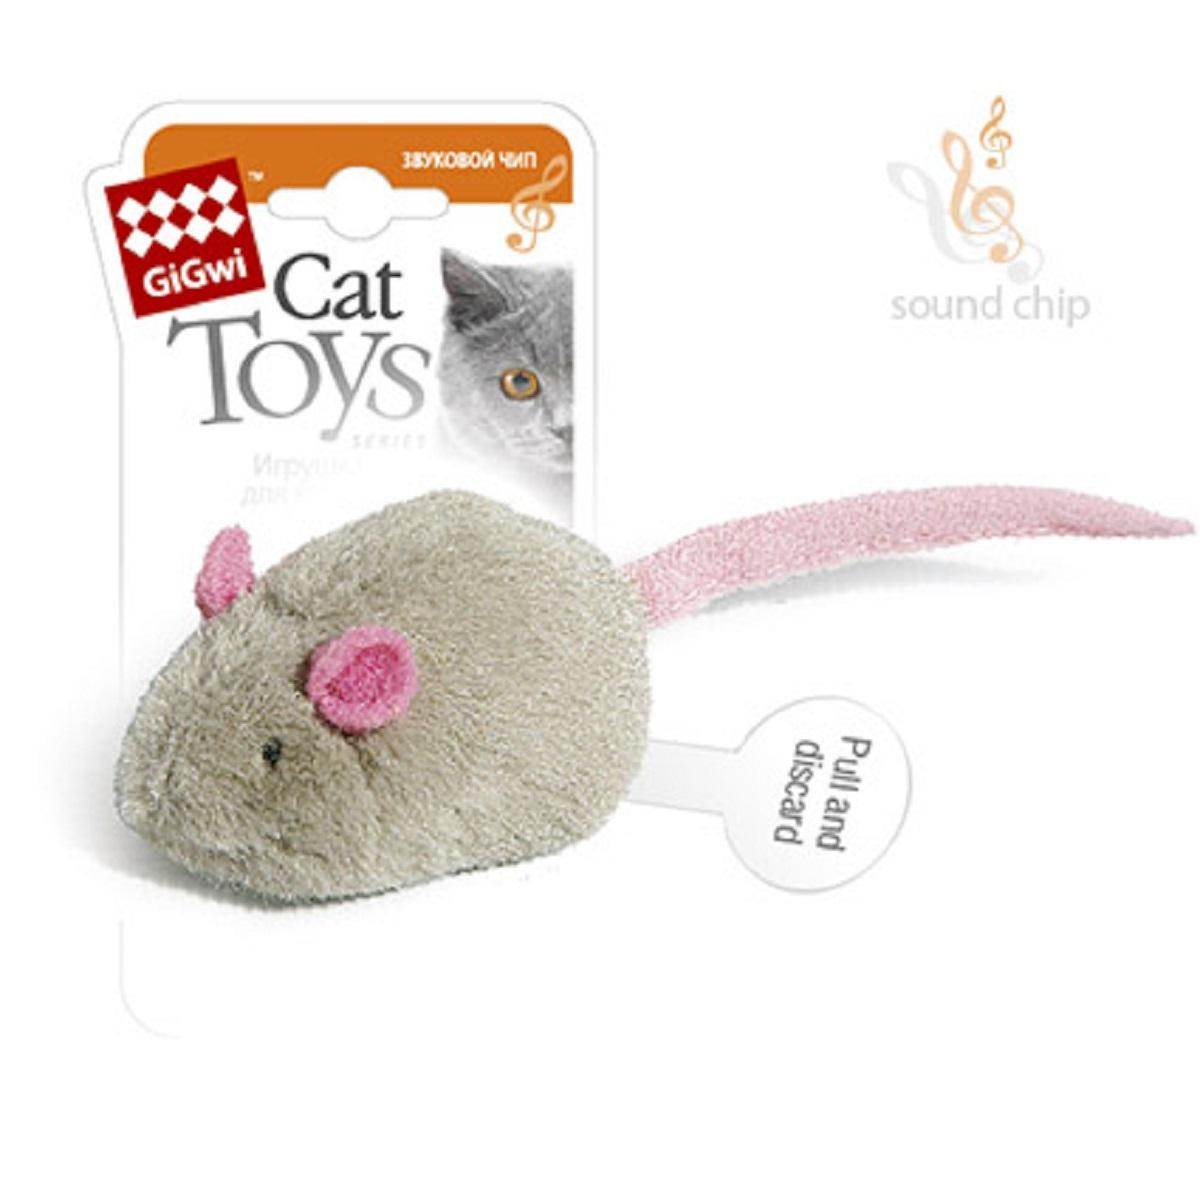 Игрушка для кошек GiGwi Мышка с электронным чипом101246Игрушка для кошек GiGwi Мышка с электронным чипом, выполненная из текстиля, не позволит заскучать вашему пушистому питомцу. Играя с этой забавной игрушкой, маленькие котята развиваются физически, а взрослые кошки и коты поддерживают свой мышечный тонус. Игрушка выполнена в виде мышки с коротким мехом, черными глазами-бусинками и длинным хвостом. Игрушка для кошки дополнена музыкальным чипом, срабатывающим при прикосновении (три звуковых эффекта). Такая игрушка порадует вашего любимца, а вам доставит массу приятных эмоций, ведь наблюдать за игрой всегда интересно и приятно.